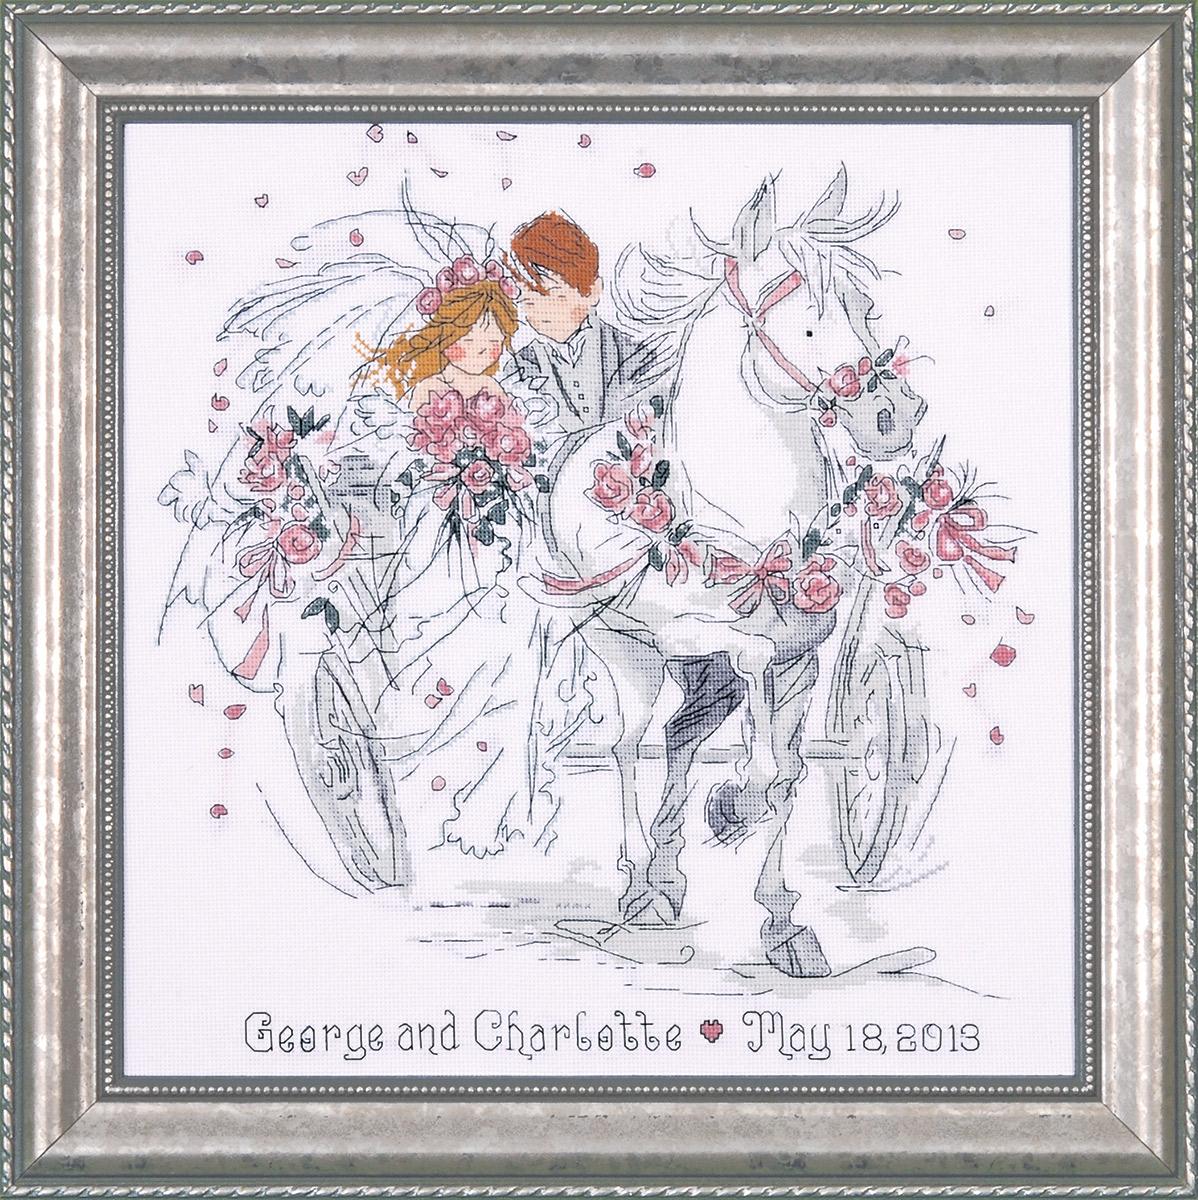 Набор для вышивания крестом Design Works Свадебный экипаж, 30 х 30 см2715Канва Аида 14 (100% хлопок), нитки мулине (100% хлопок), игла, подробная инструкция со схемой вышивки на русском языке